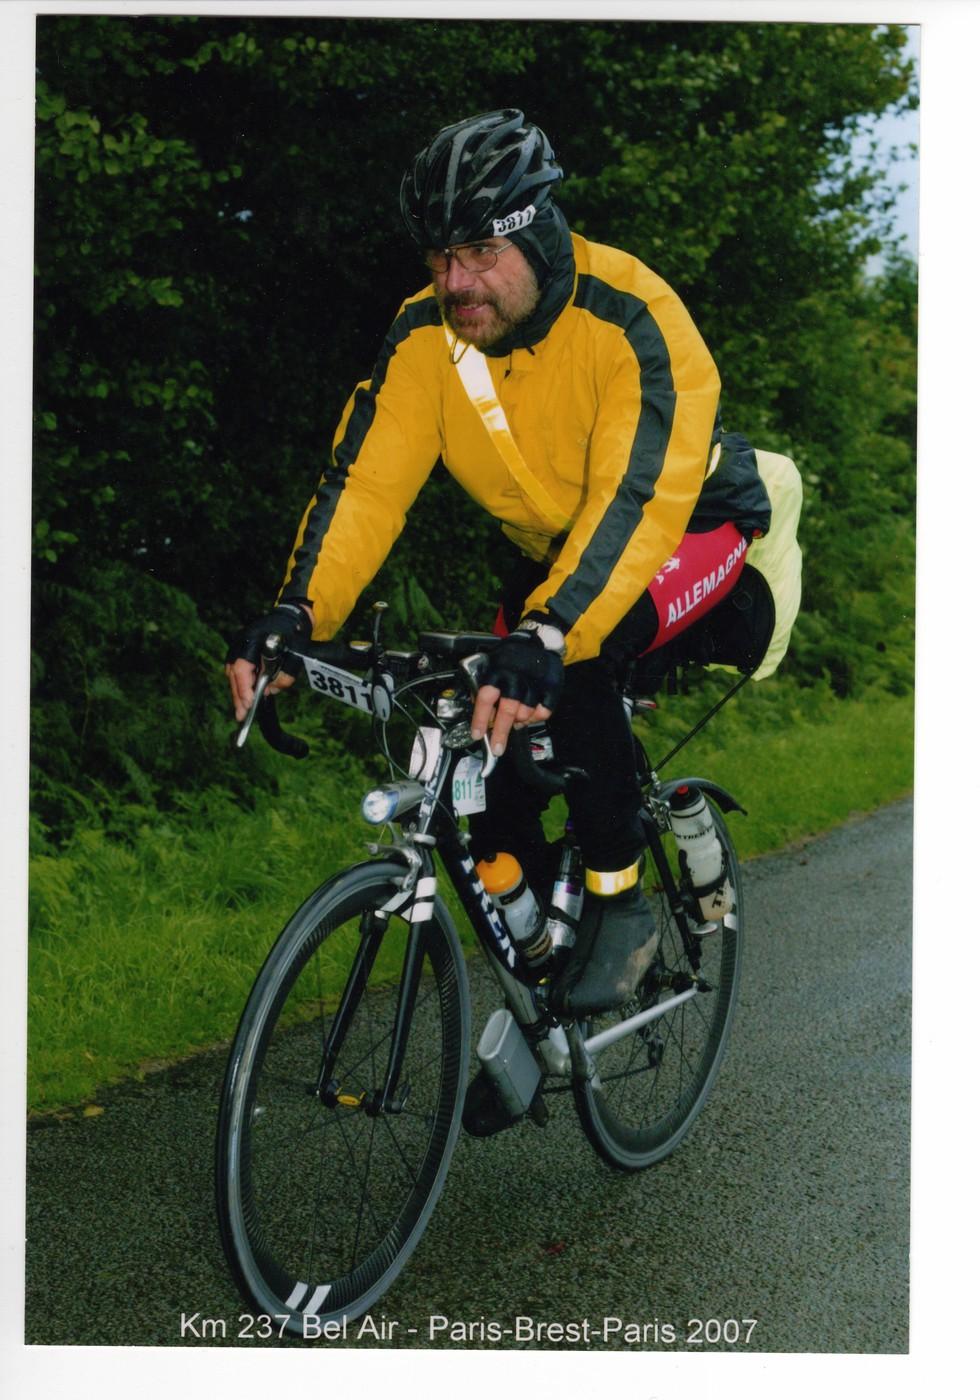 Manfred en route PBP 2007